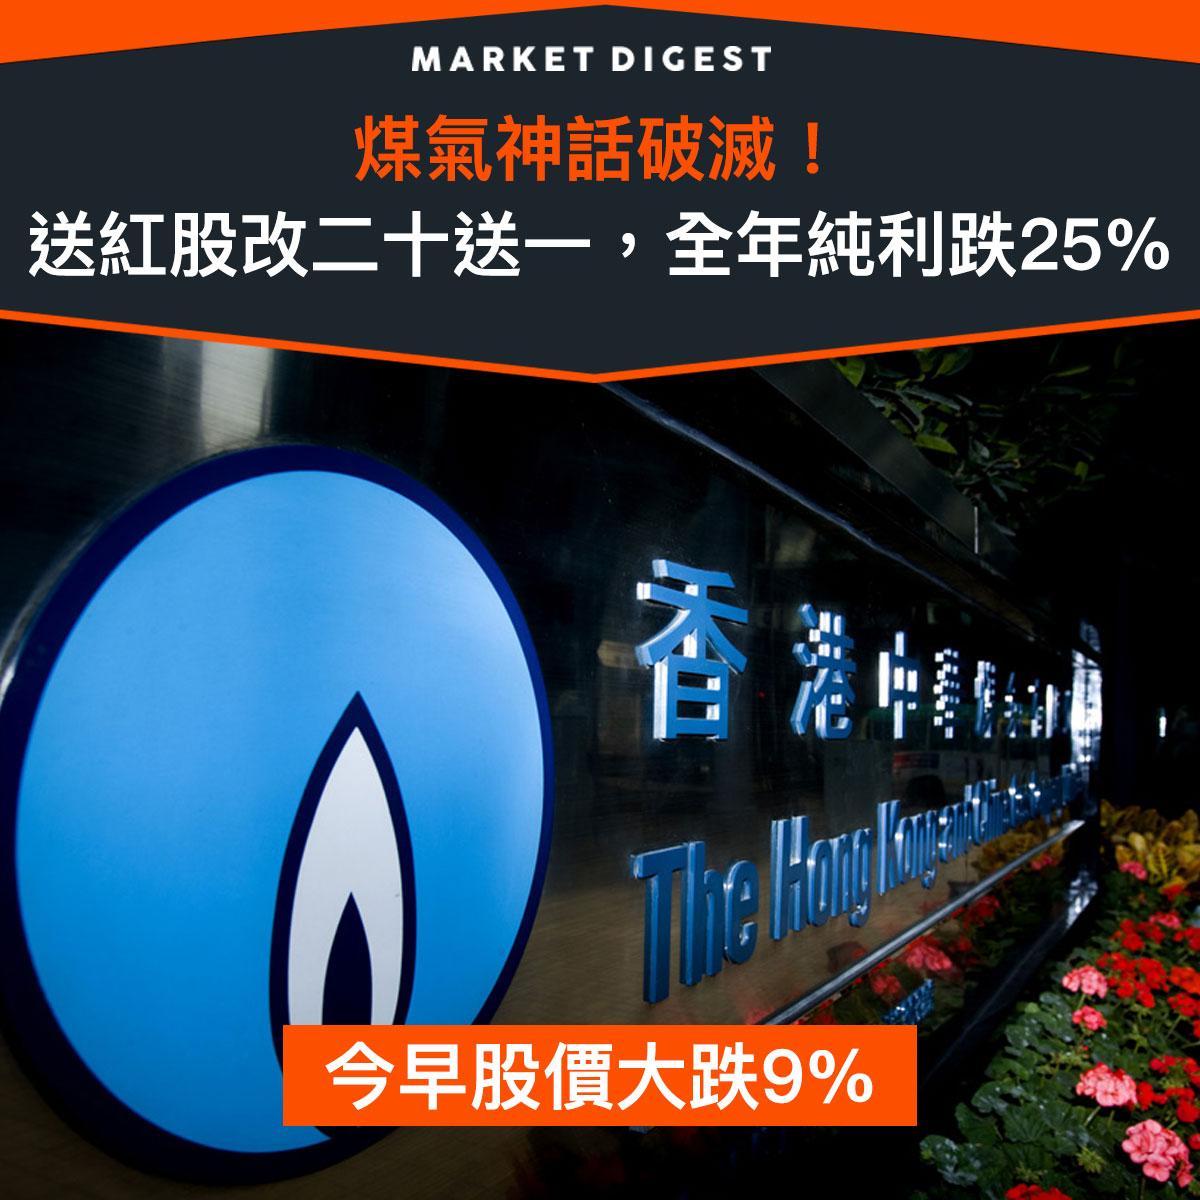 【市場熱話】煤氣神話破滅!送紅股改二十送一,全年純利跌25%